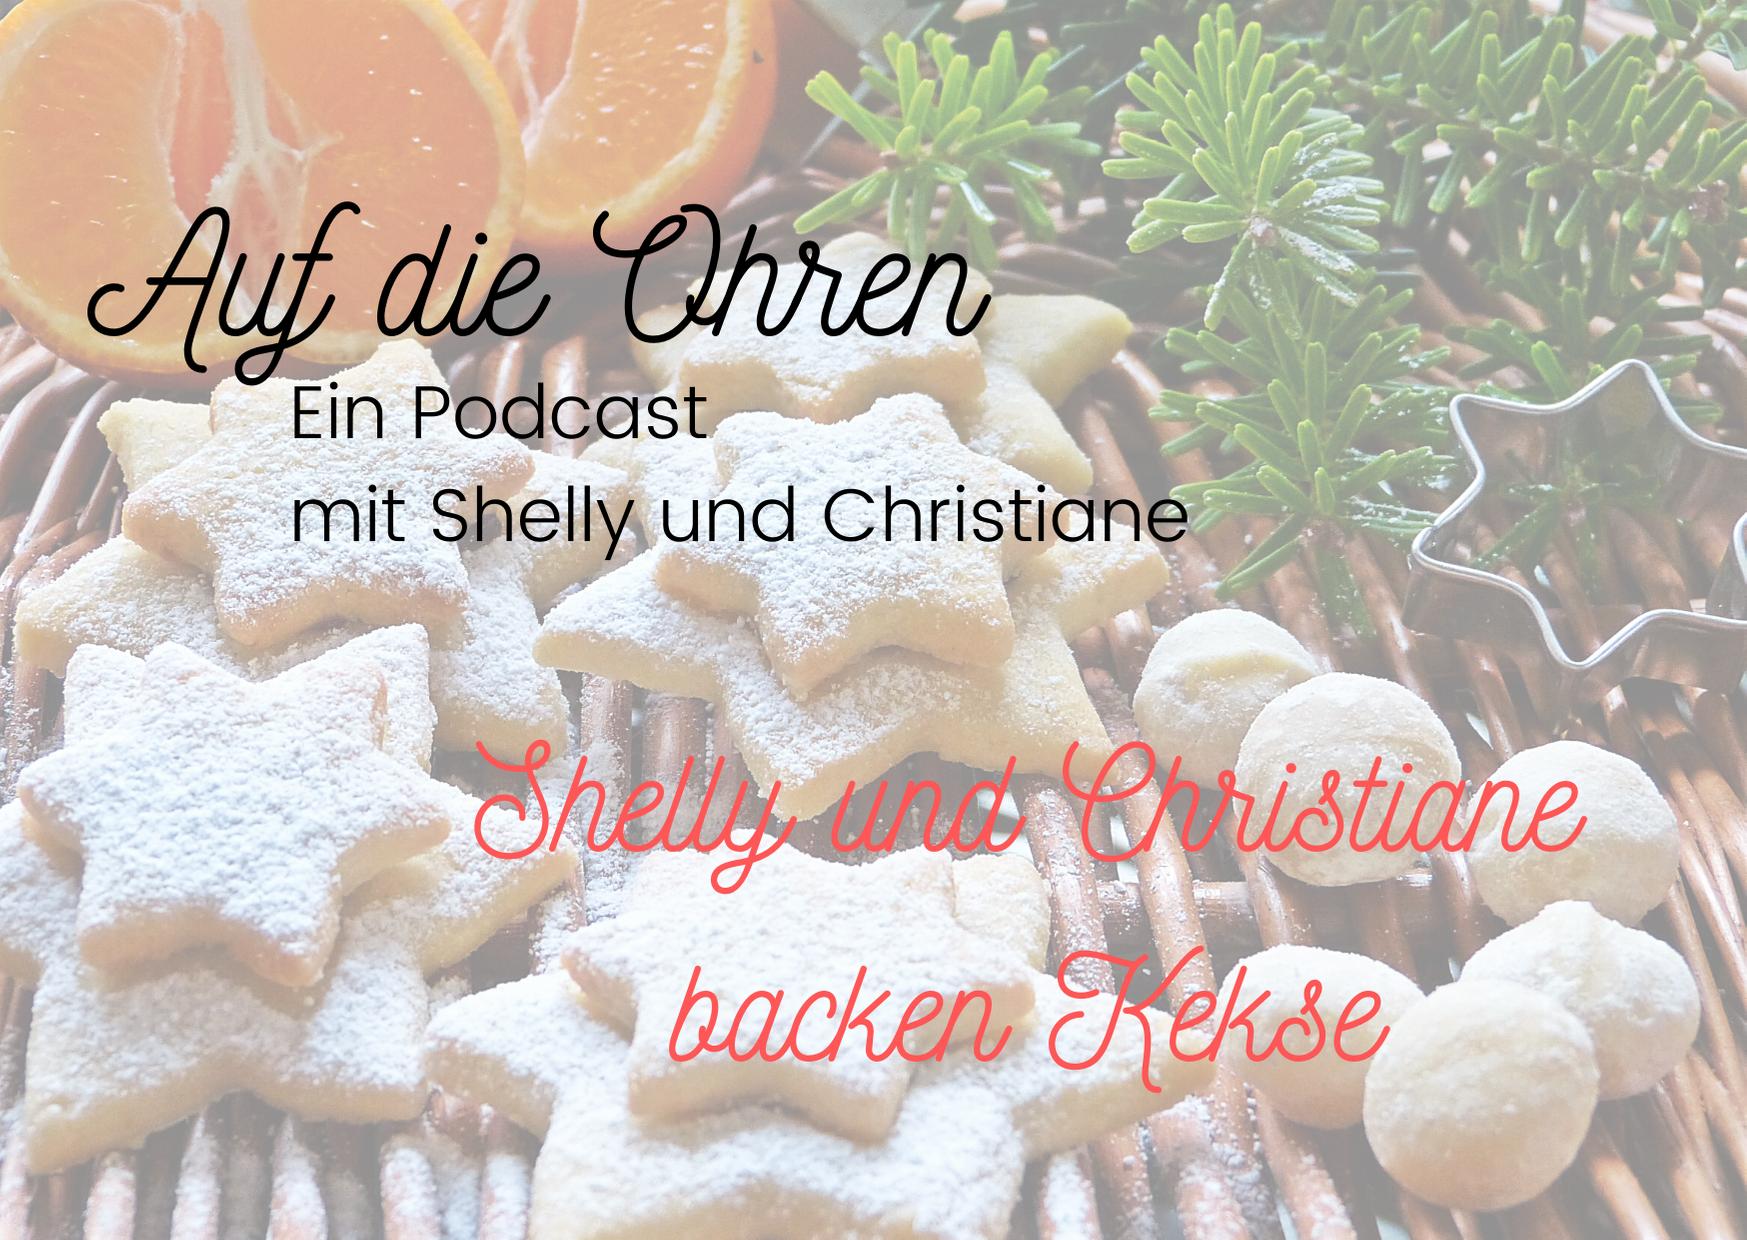 Werbegrafik Auf die Ohren - Ein Podcast - mit Shelly und Christiane